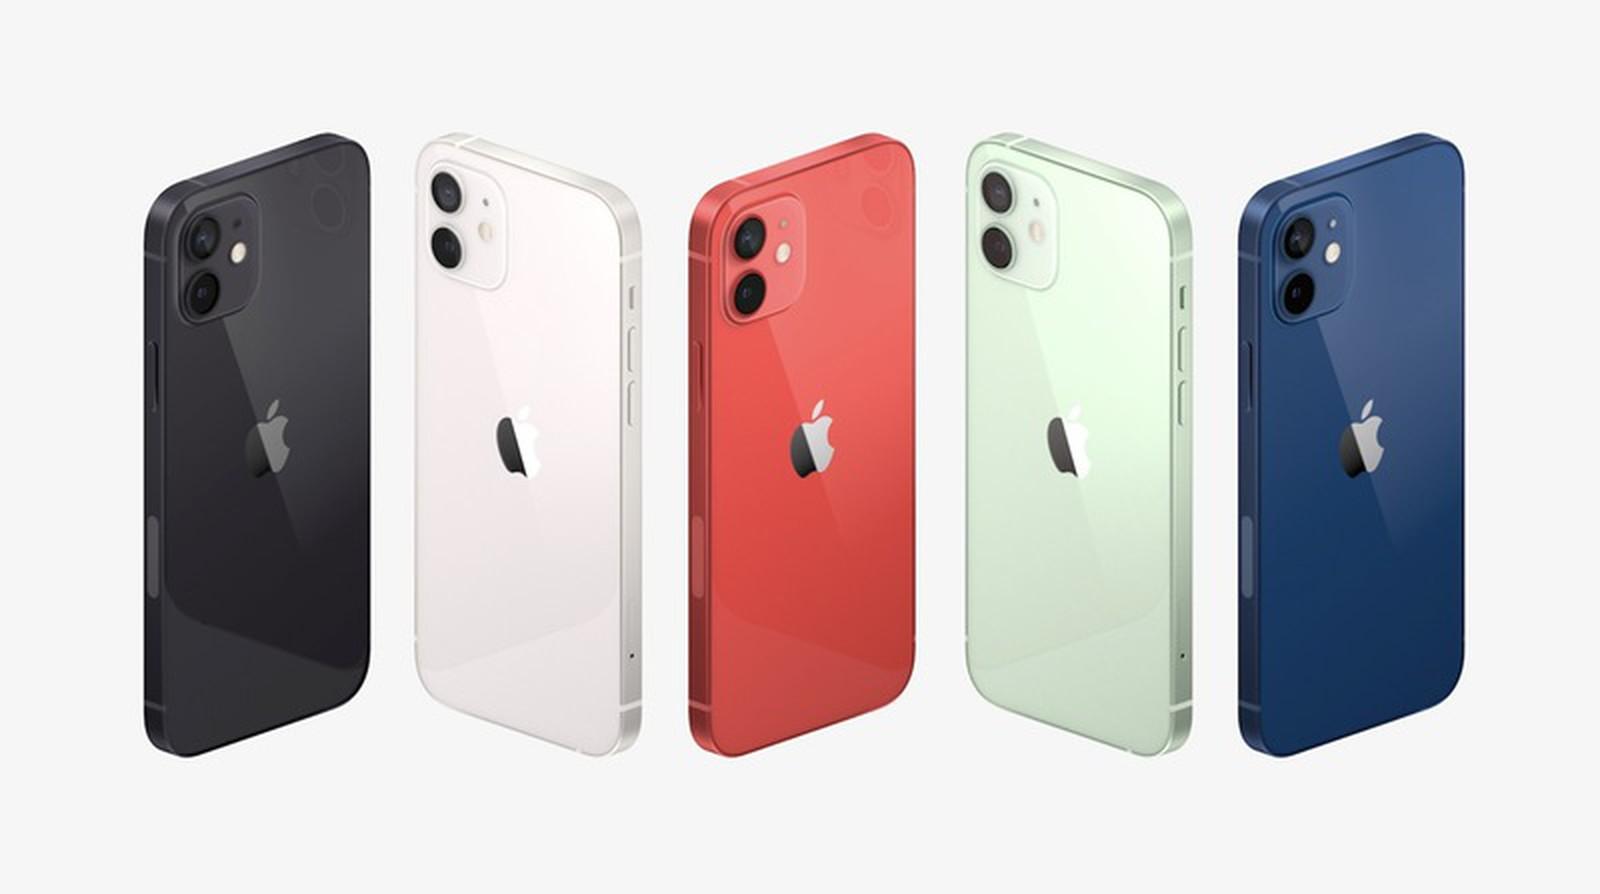 Új iPhone125G hálózat támogatásával és lekerekített élekkel